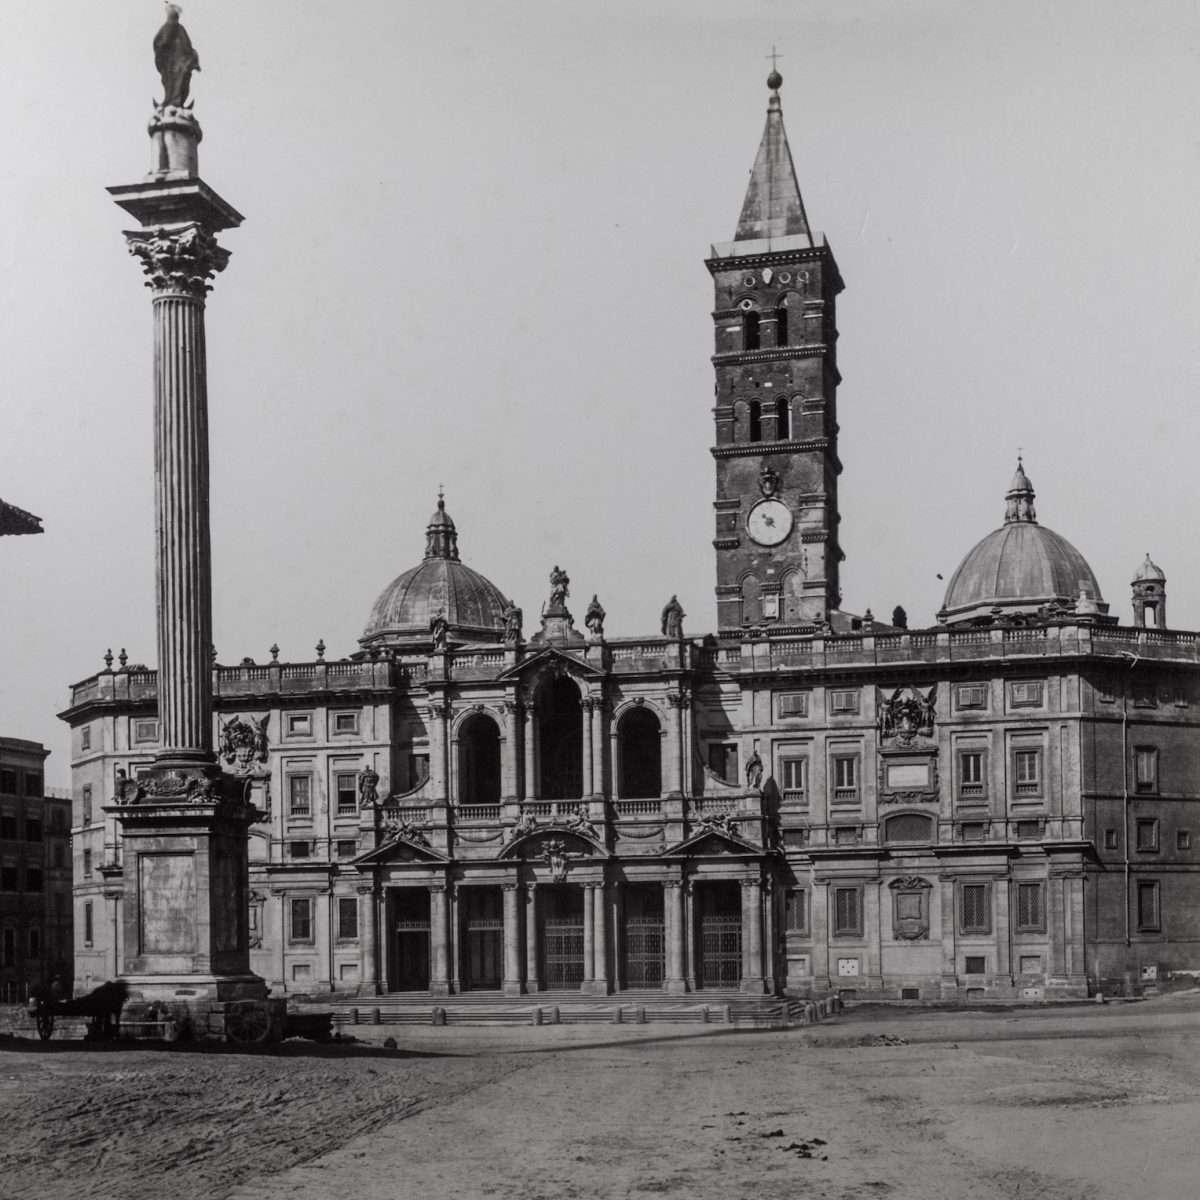 L-1090226 - Basilica di Santa Maria Maggiore